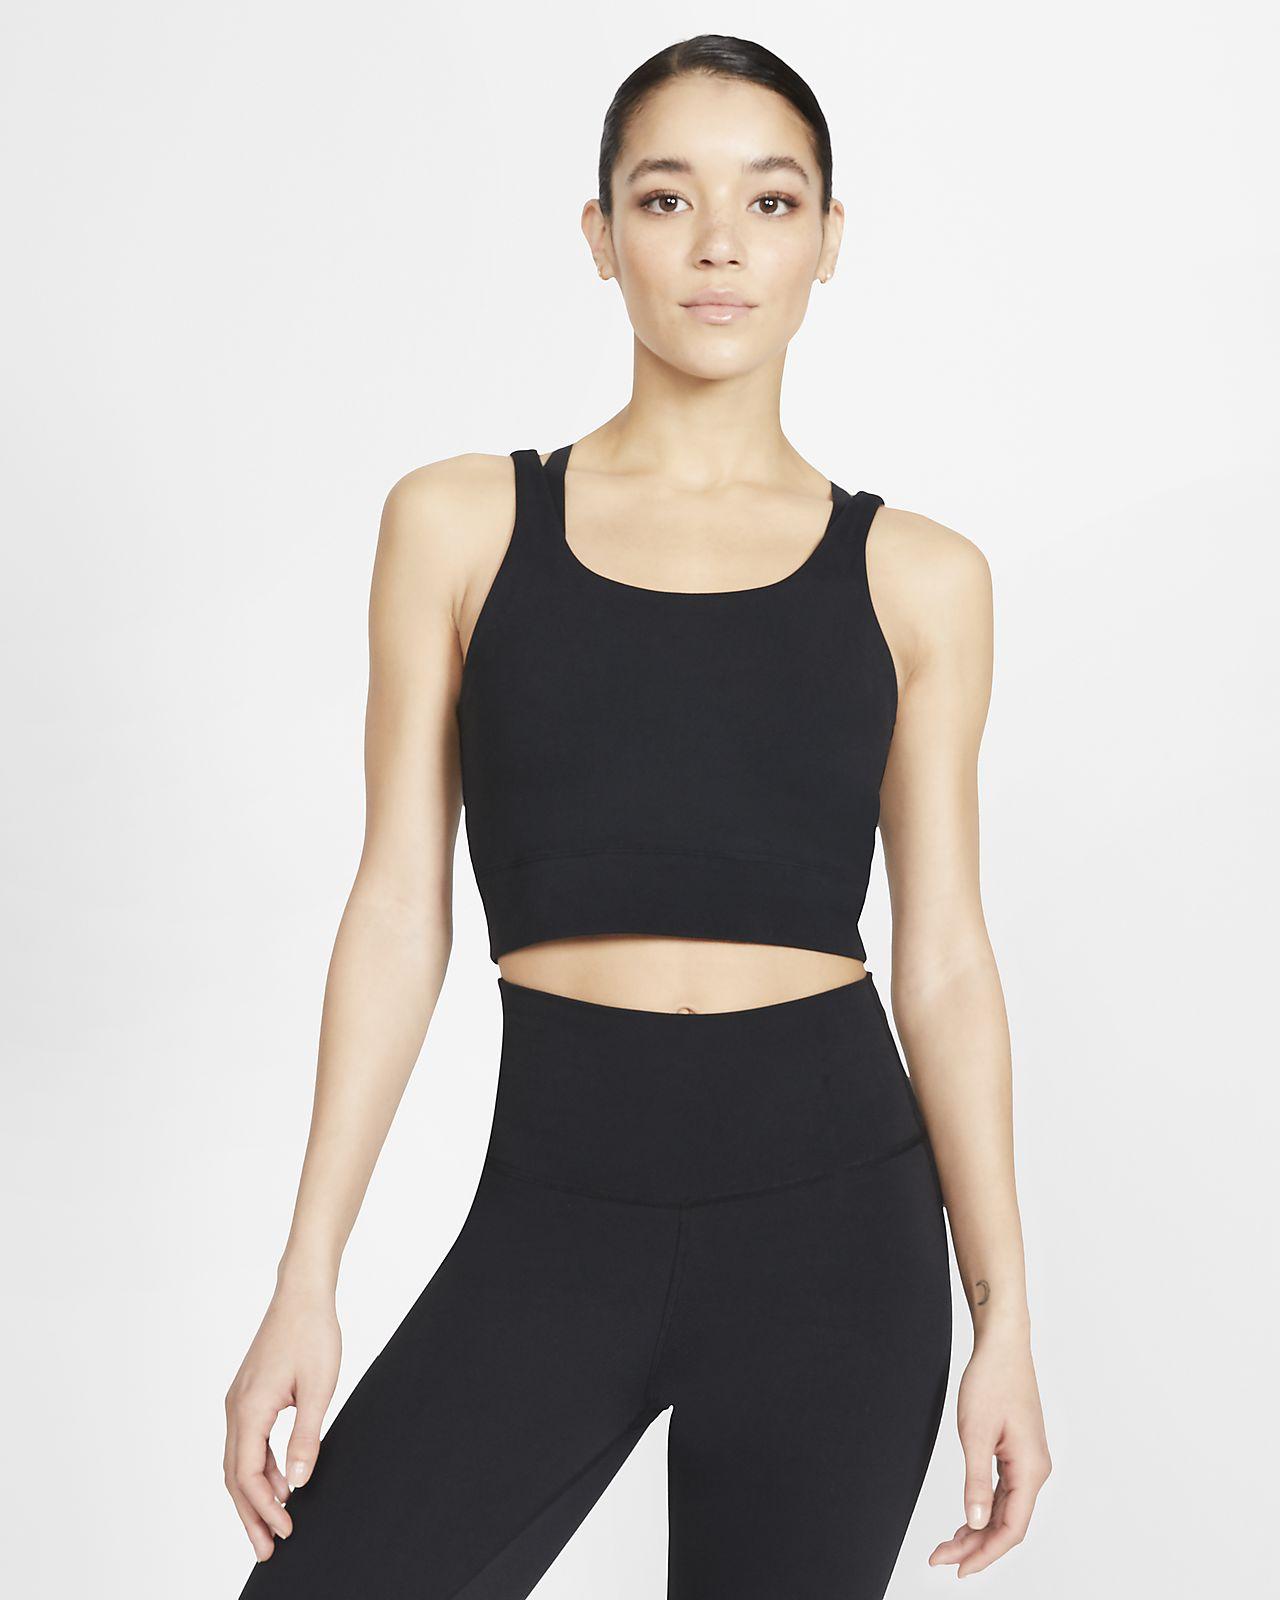 Женская майка Nike Yoga Luxe